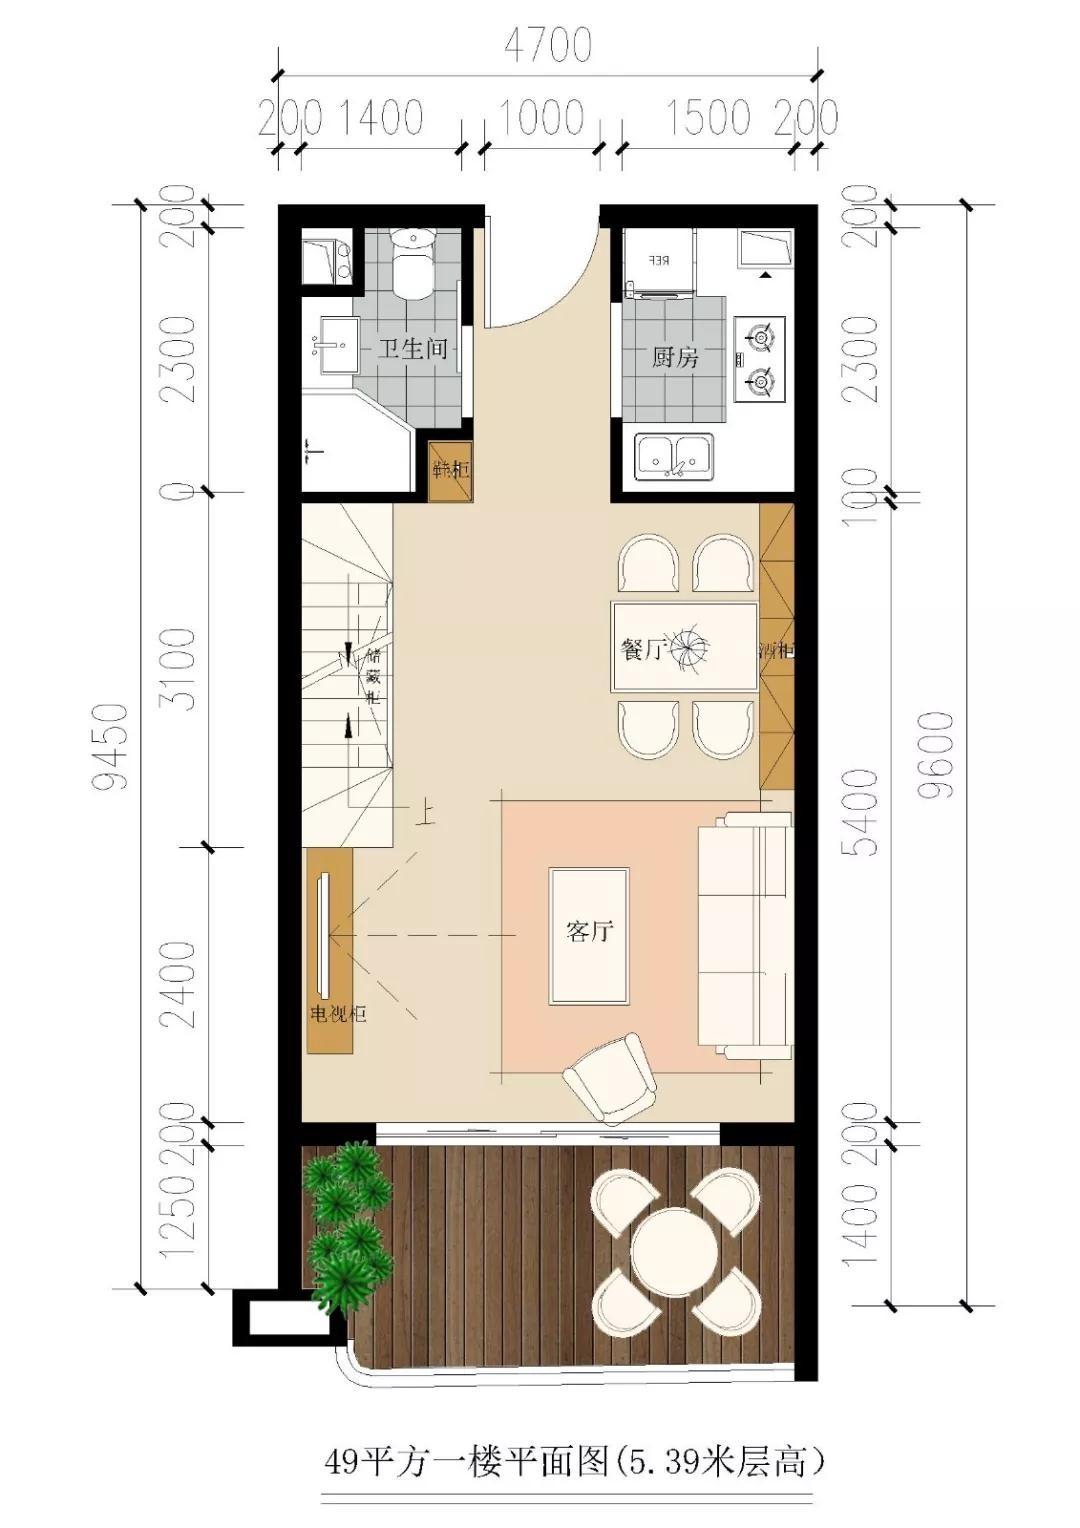 洱海寰球时代49平公寓户型图